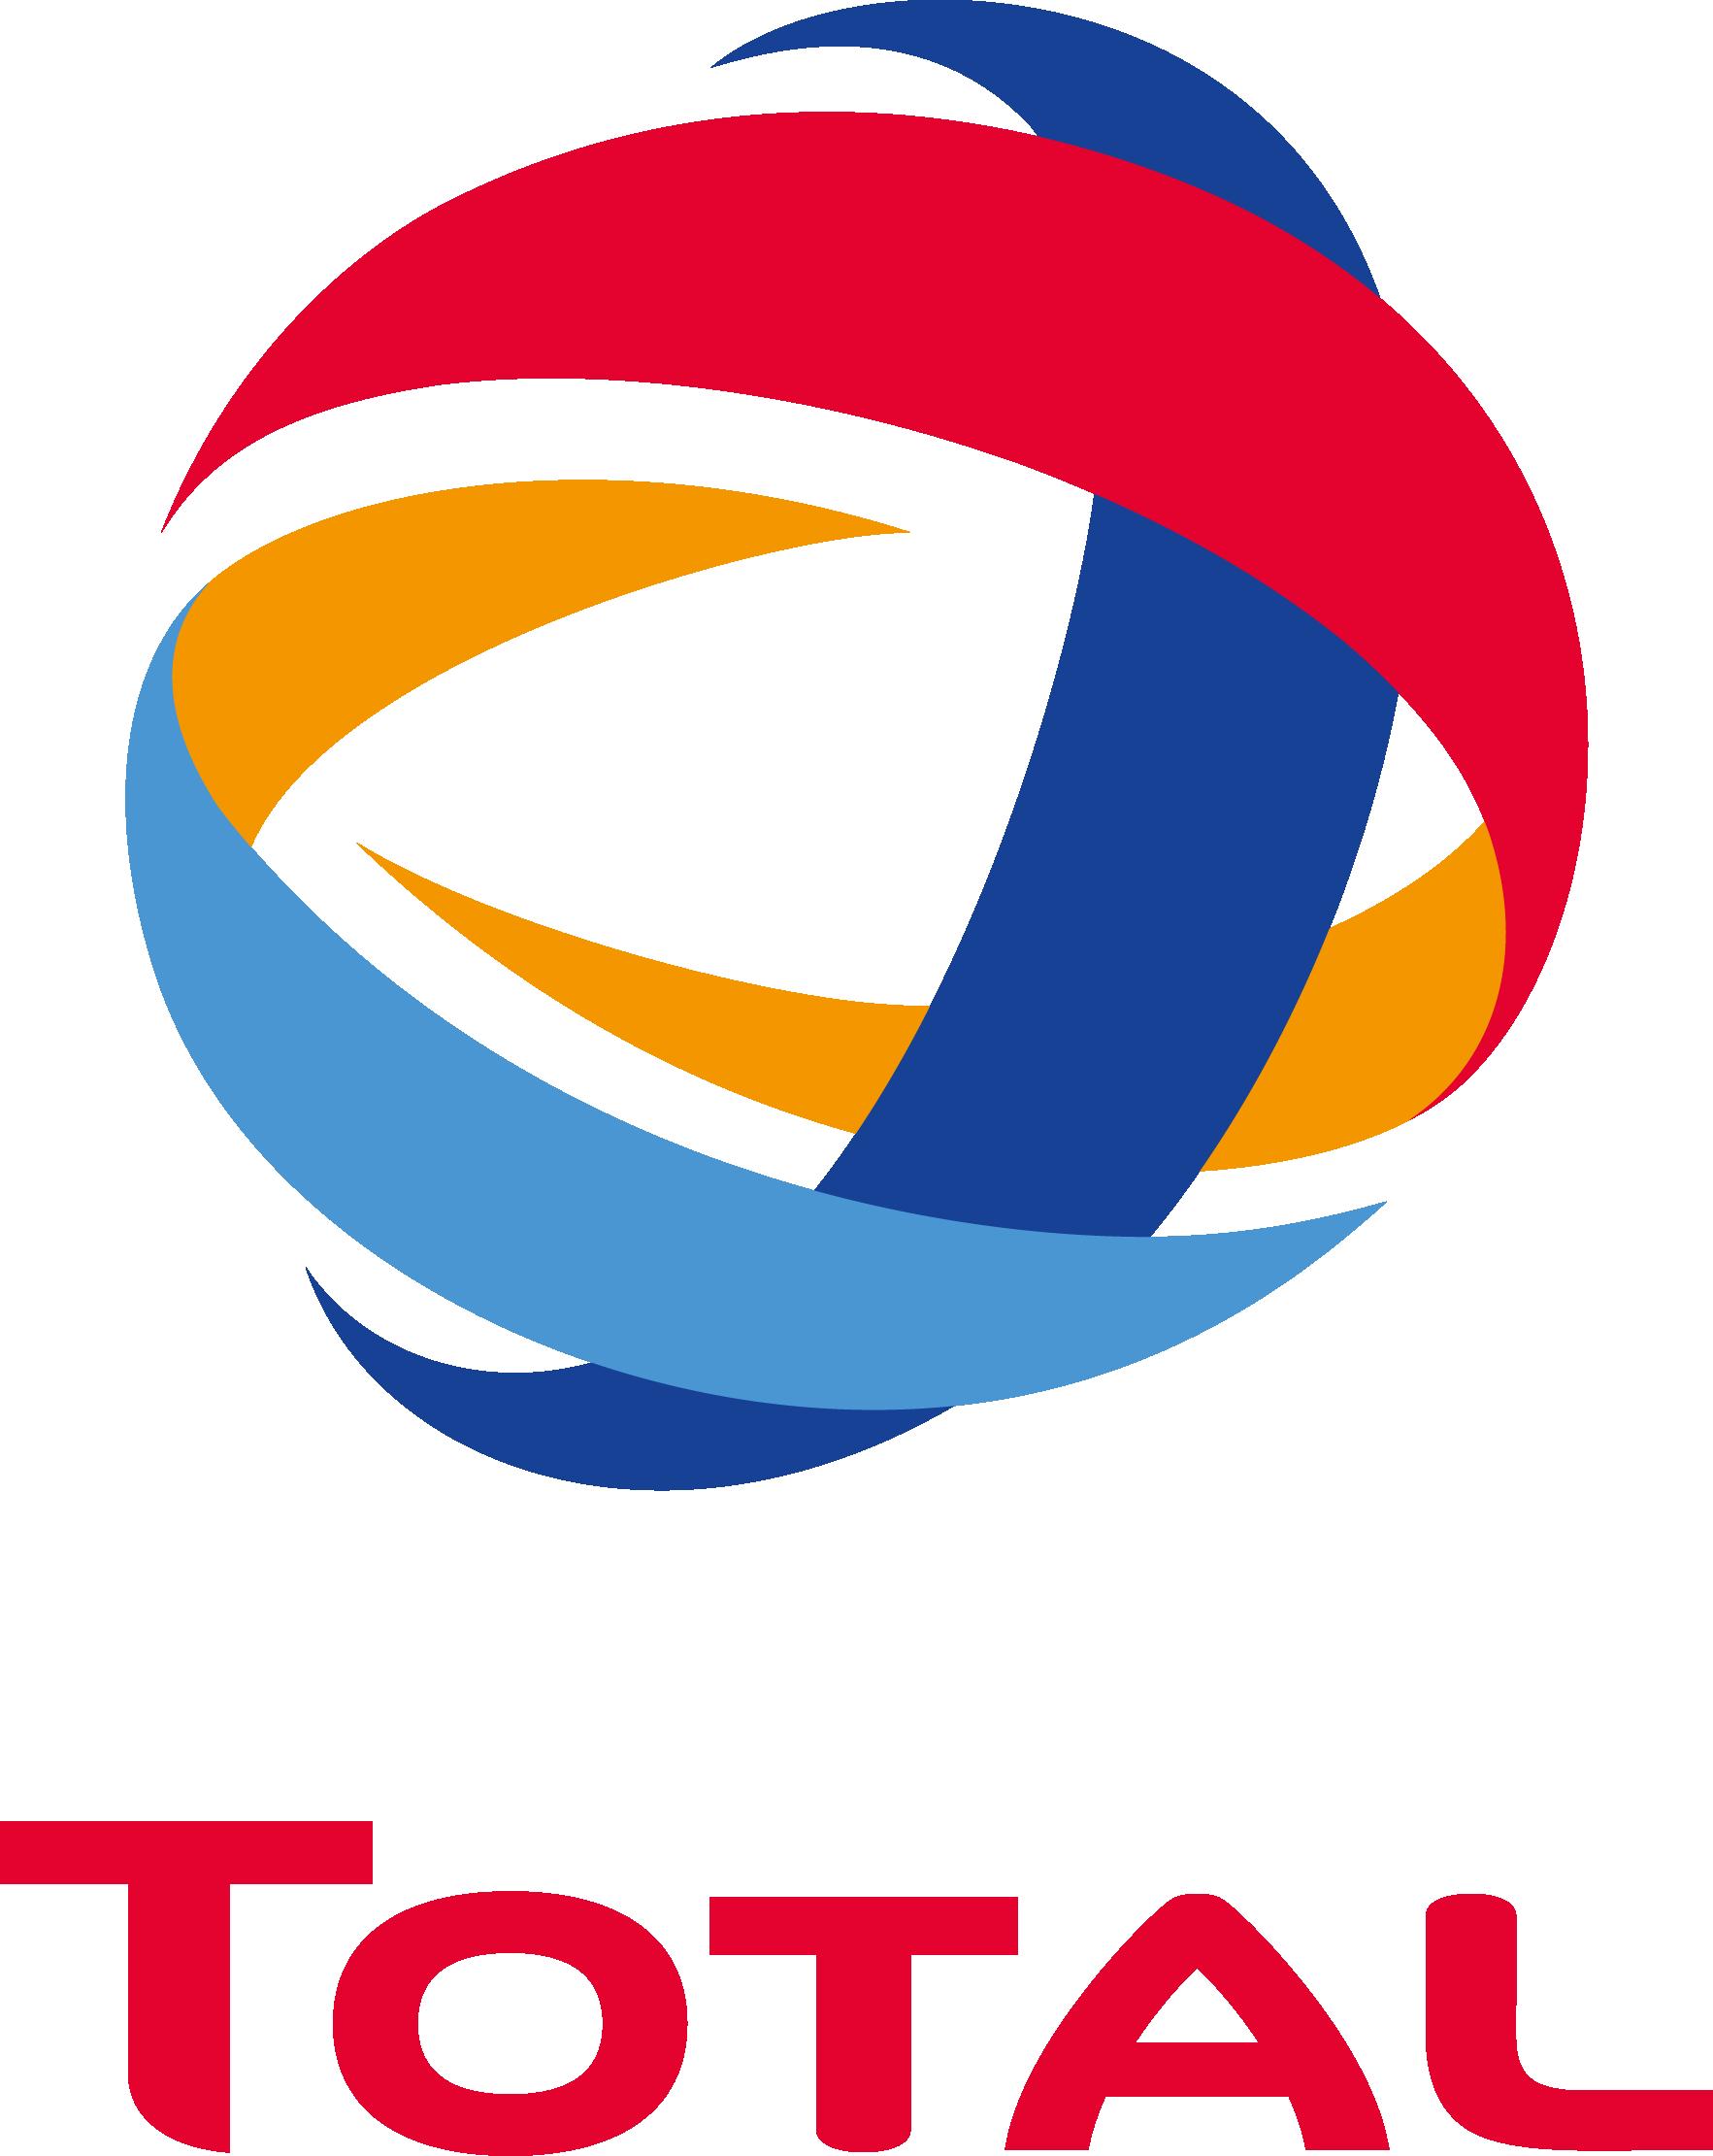 . PlusPng.com logo.png Total Logo PlusPng.com  - Amideas PNG